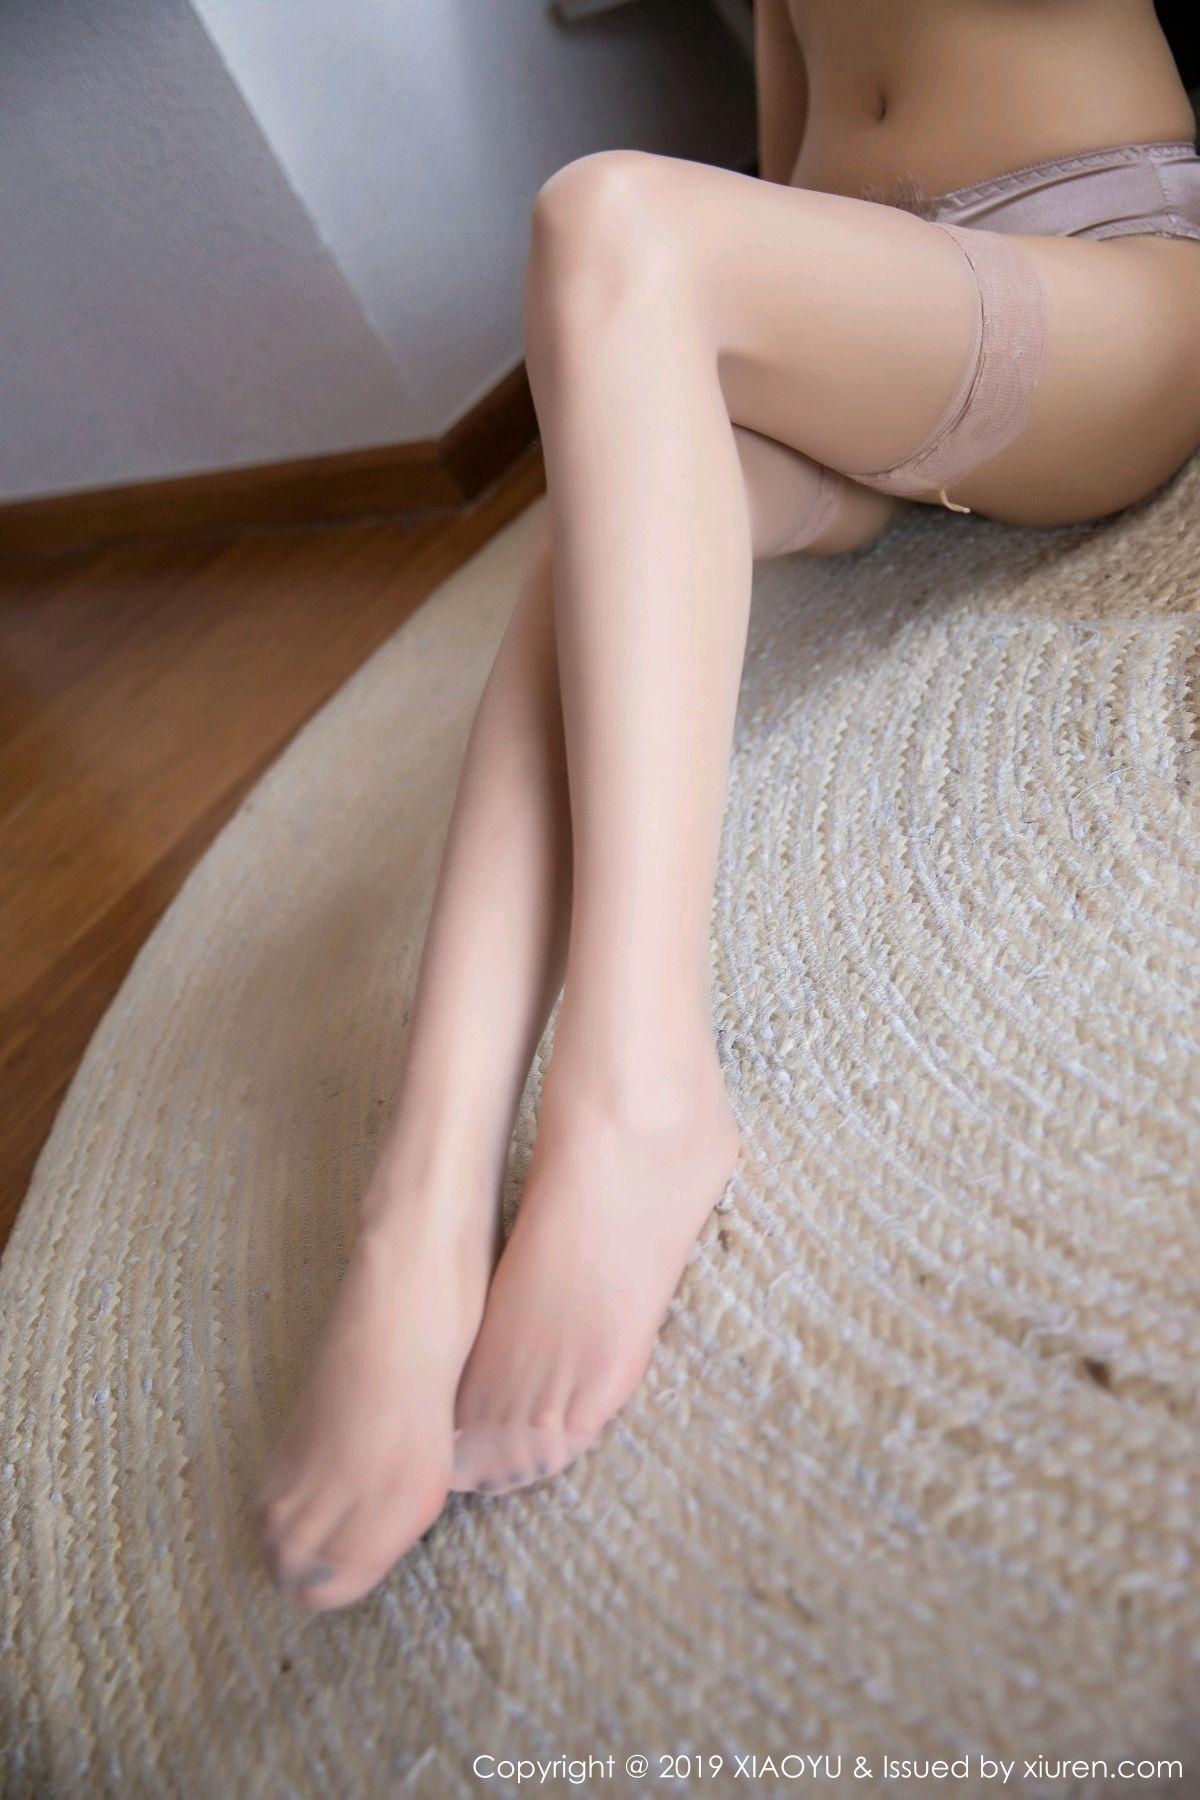 [XiaoYu] Vol.067 Yang Chen Chen 24P, Beach, Underwear, XiaoYu, Yang Chen Chen